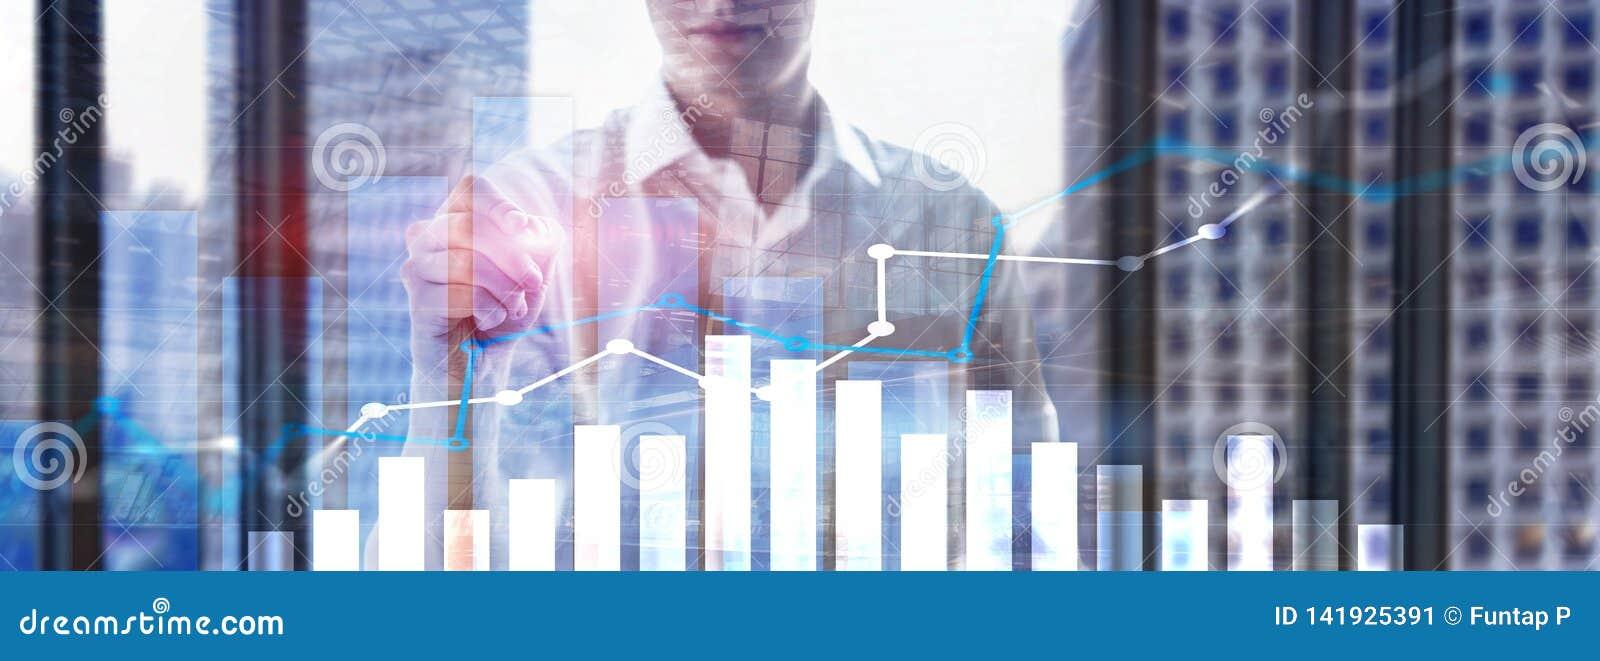 Finansiell tillväxtgraf Försäljningsförhöjning, begrepp för marknadsföringsstrategi